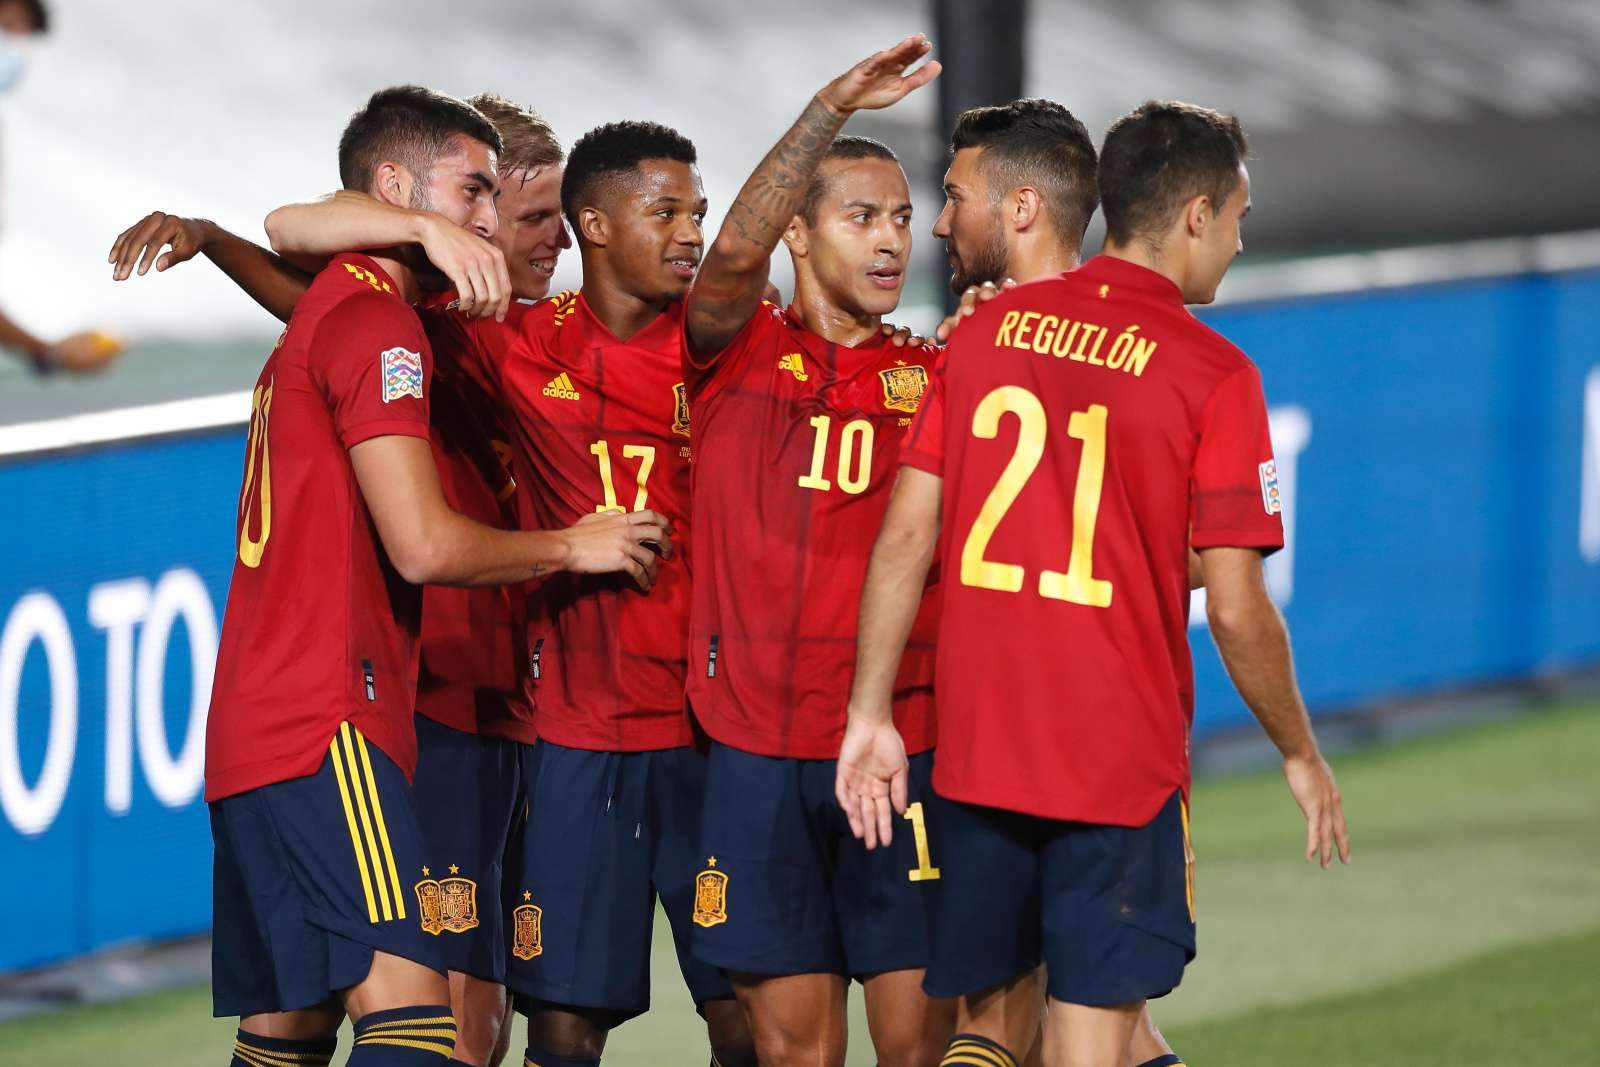 Испания - Швеция - 0:0 (закончен)